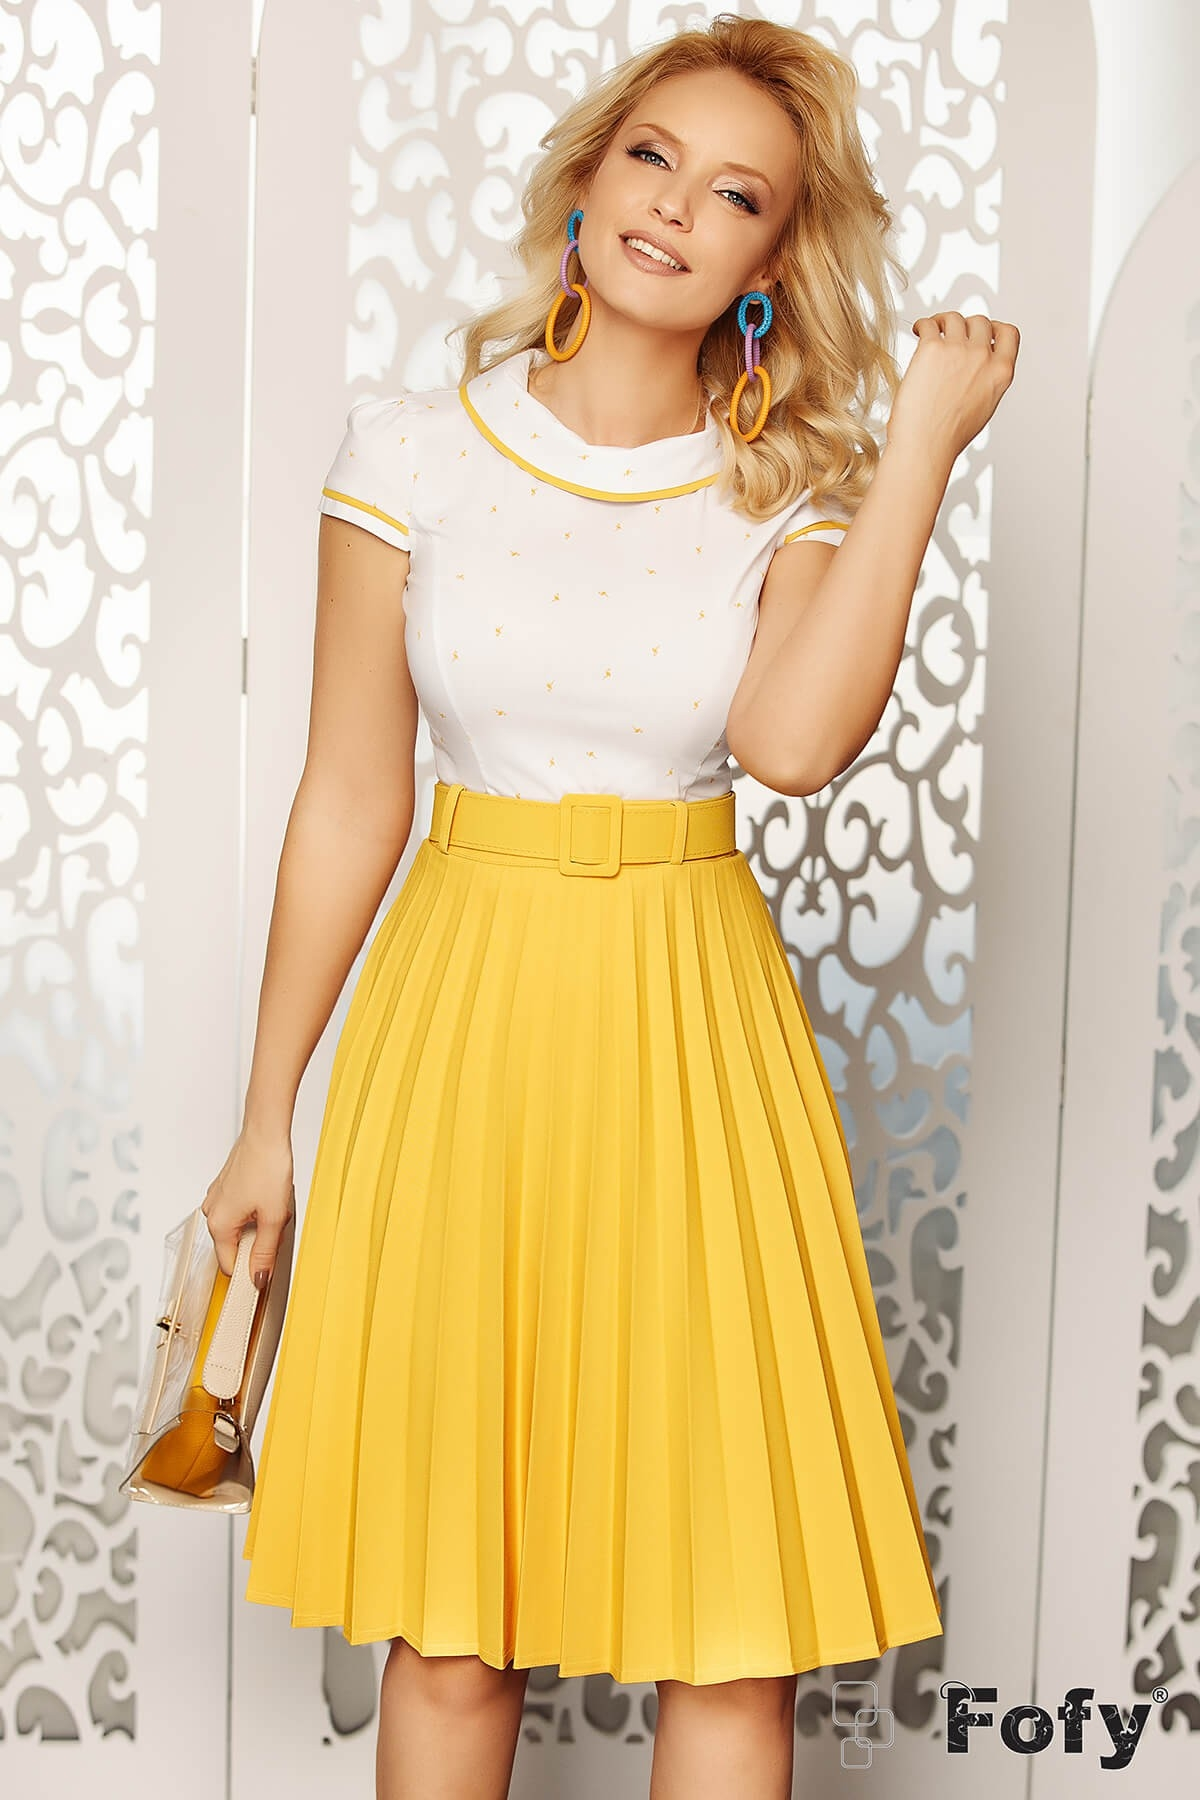 Bluza dama eleganta alba cu imprimeu flamingo galben si guler alb Fofy